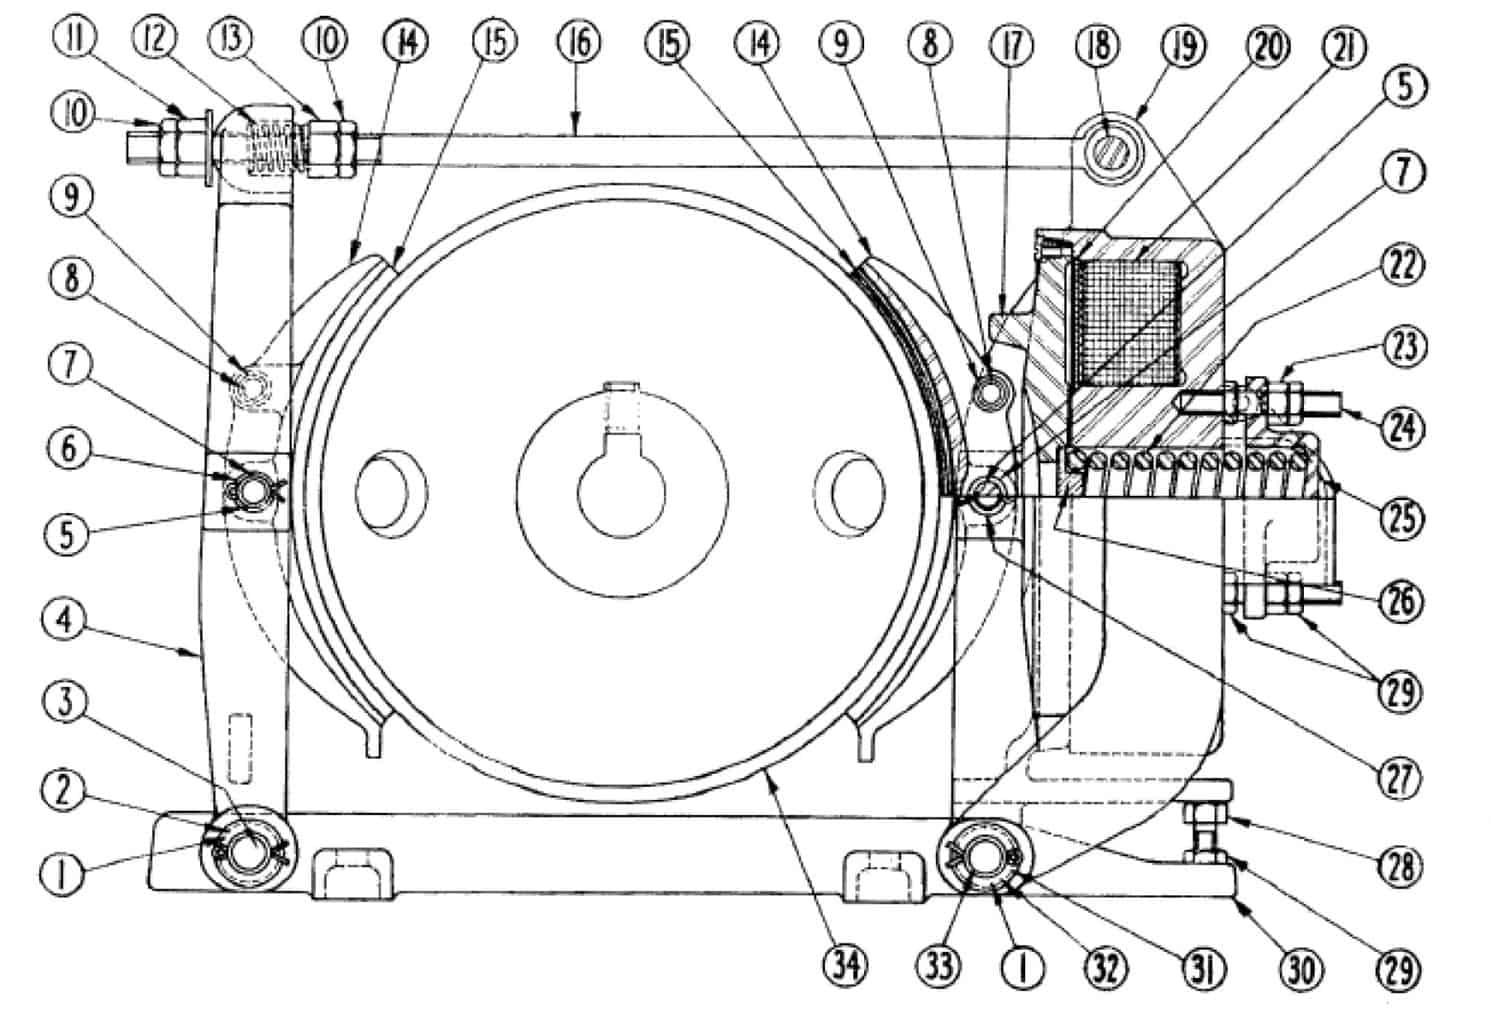 No. 503 24 Type M Brake